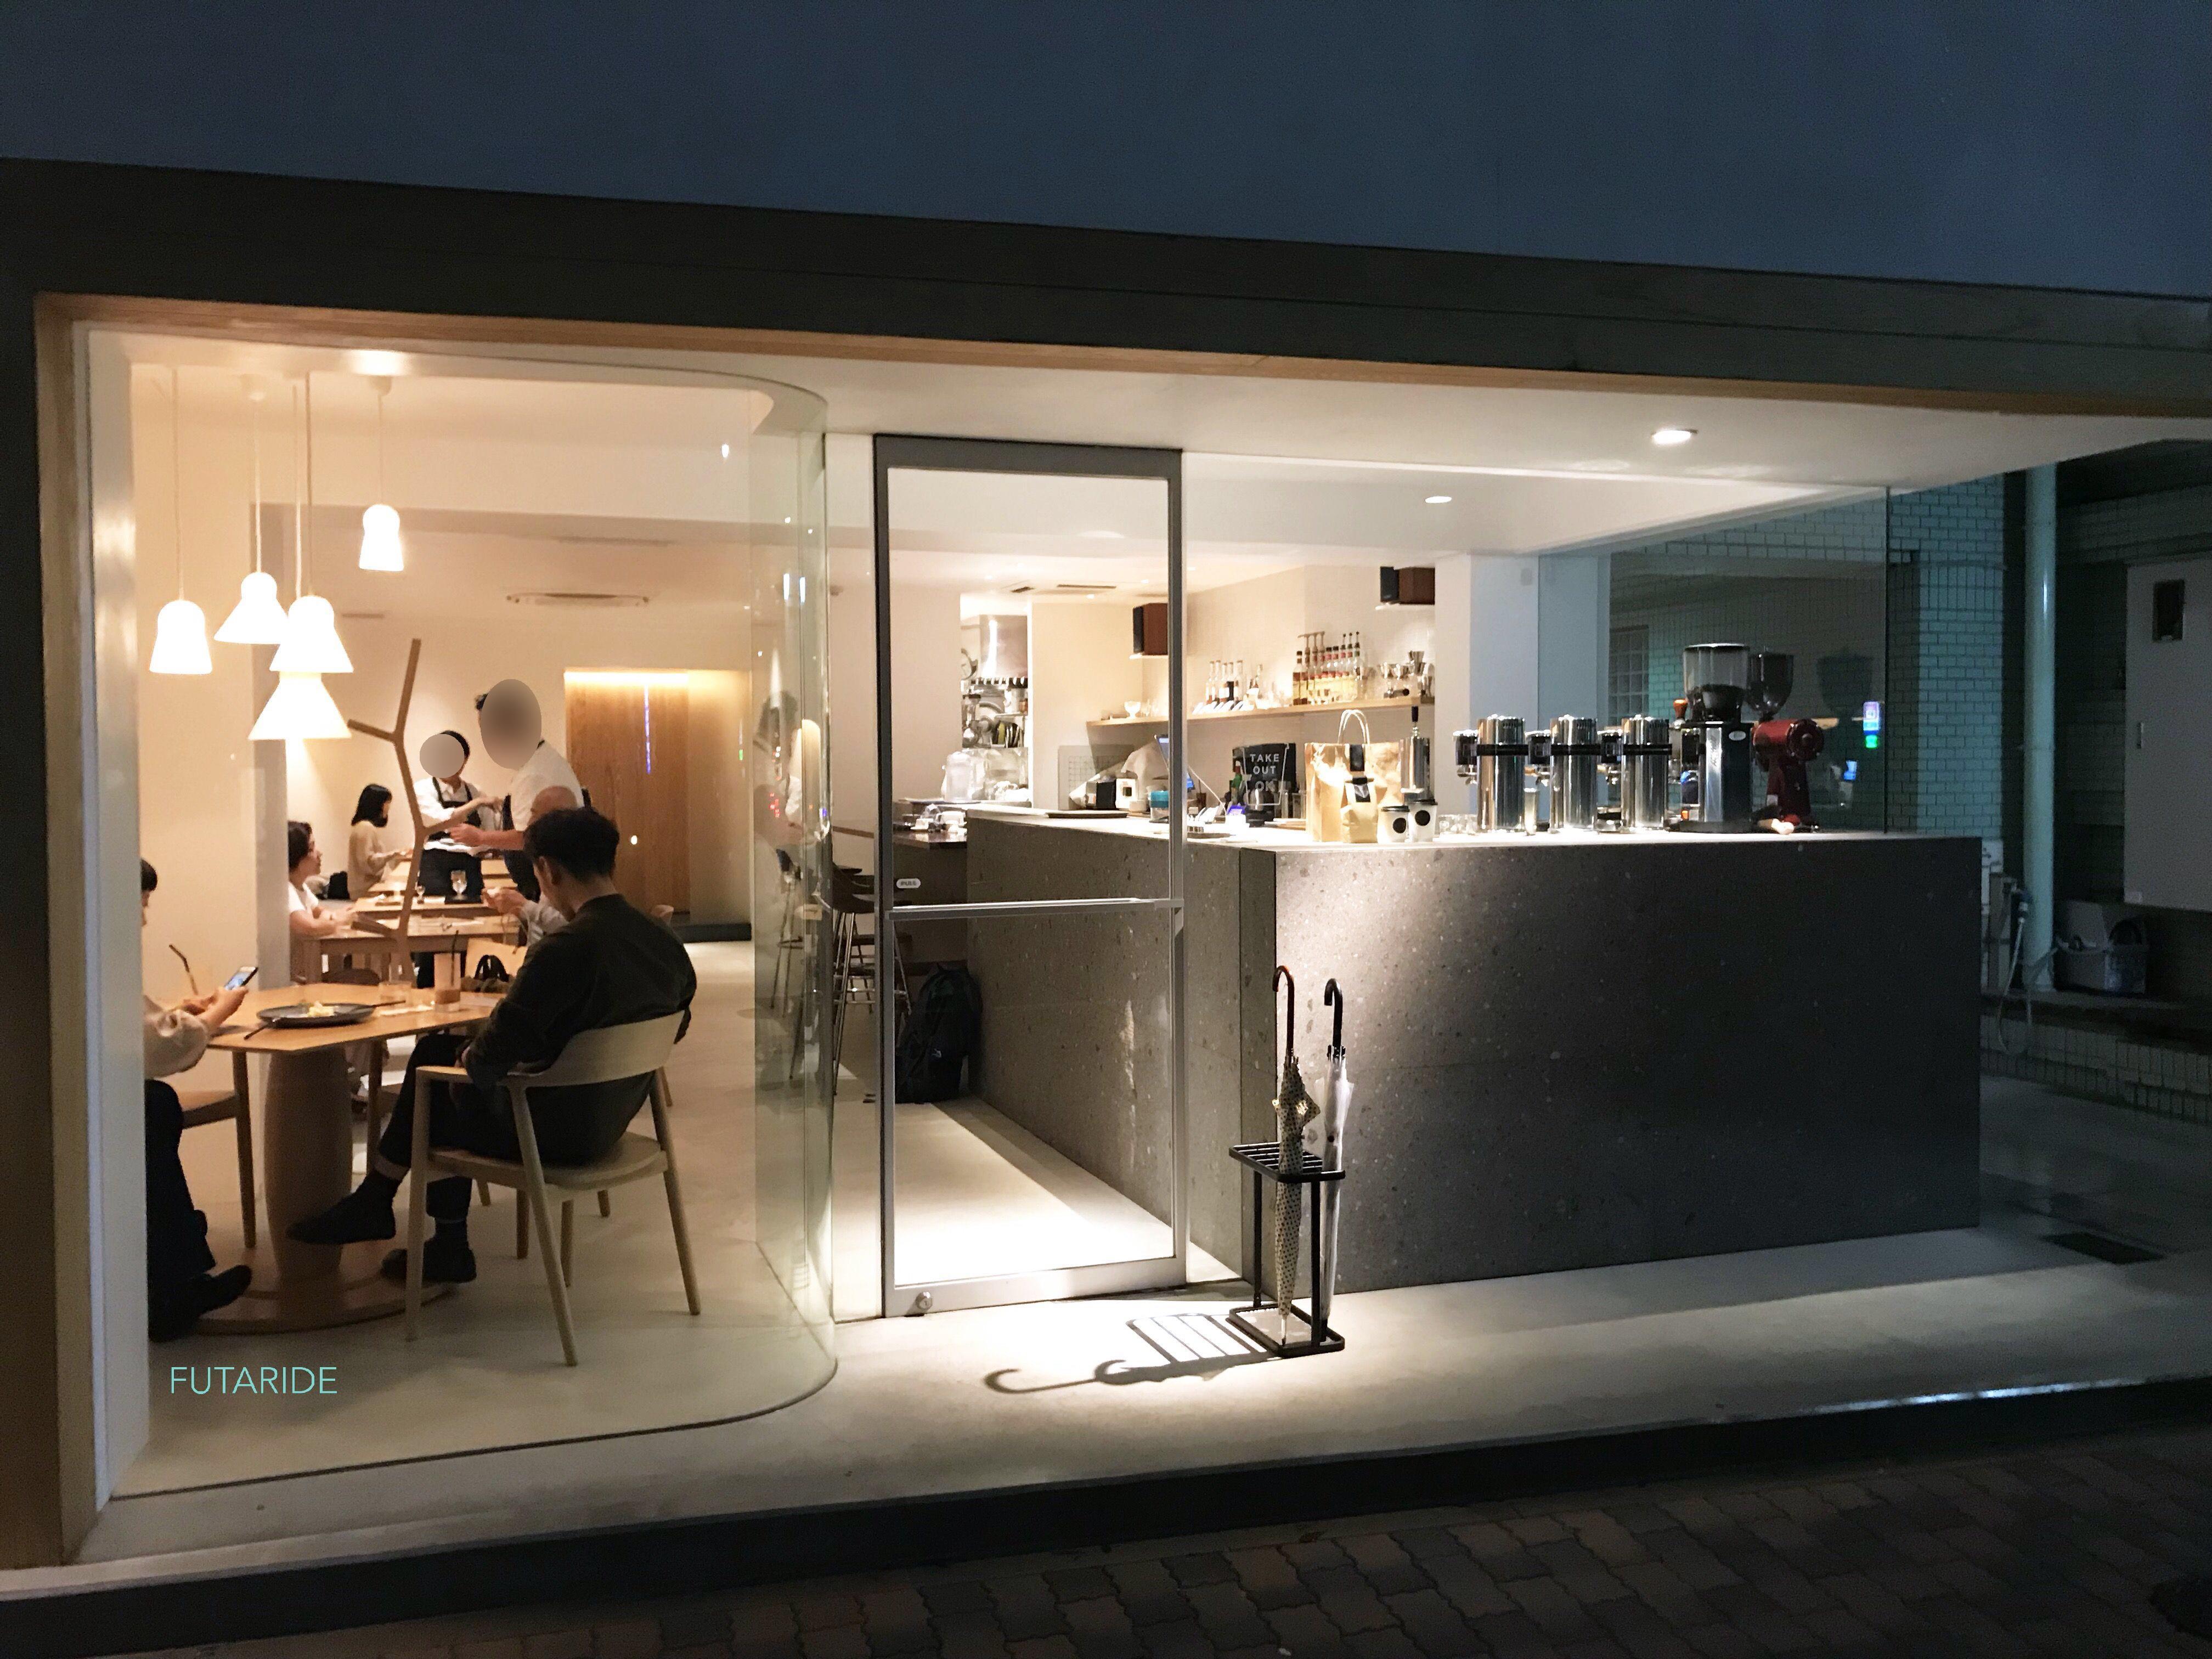 【夜カフェデート】ダブルトールカフェ 名古屋で夜カフェデートをしてみない!?